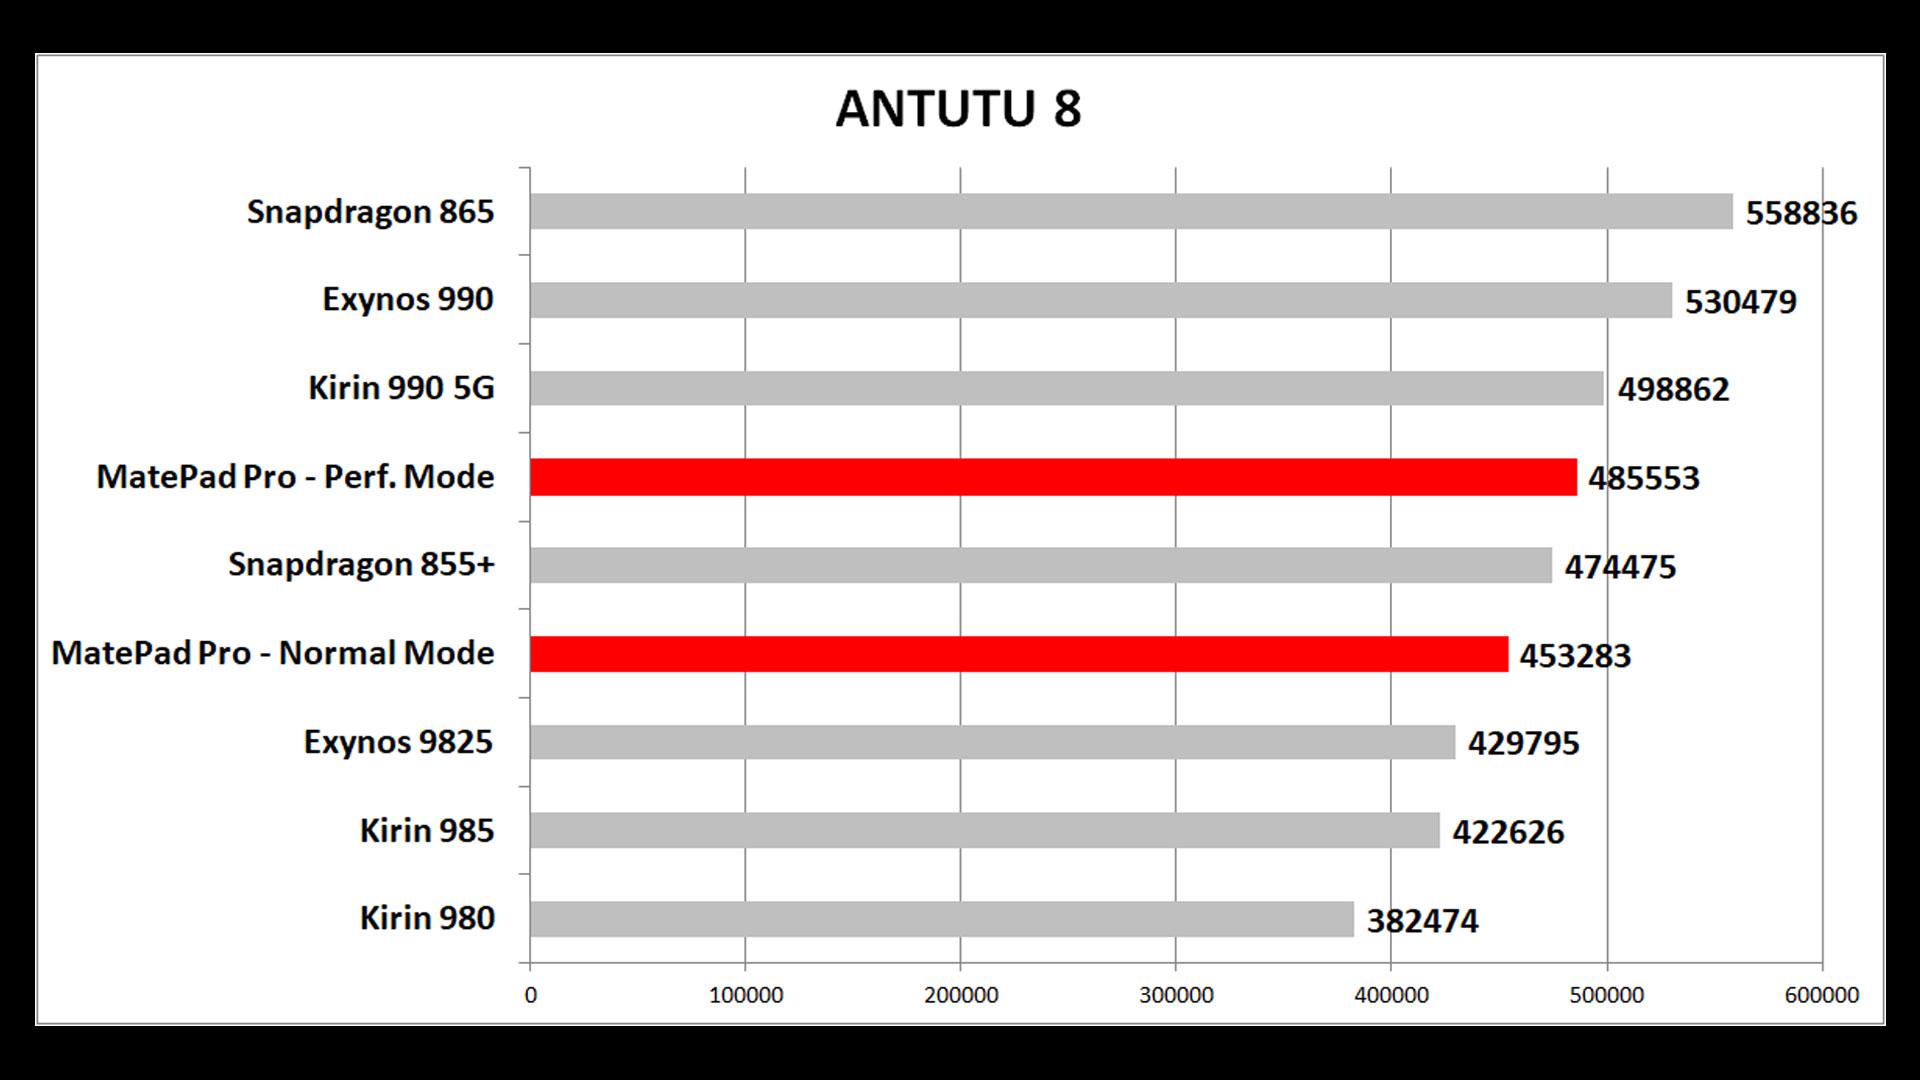 AnTuTu 8